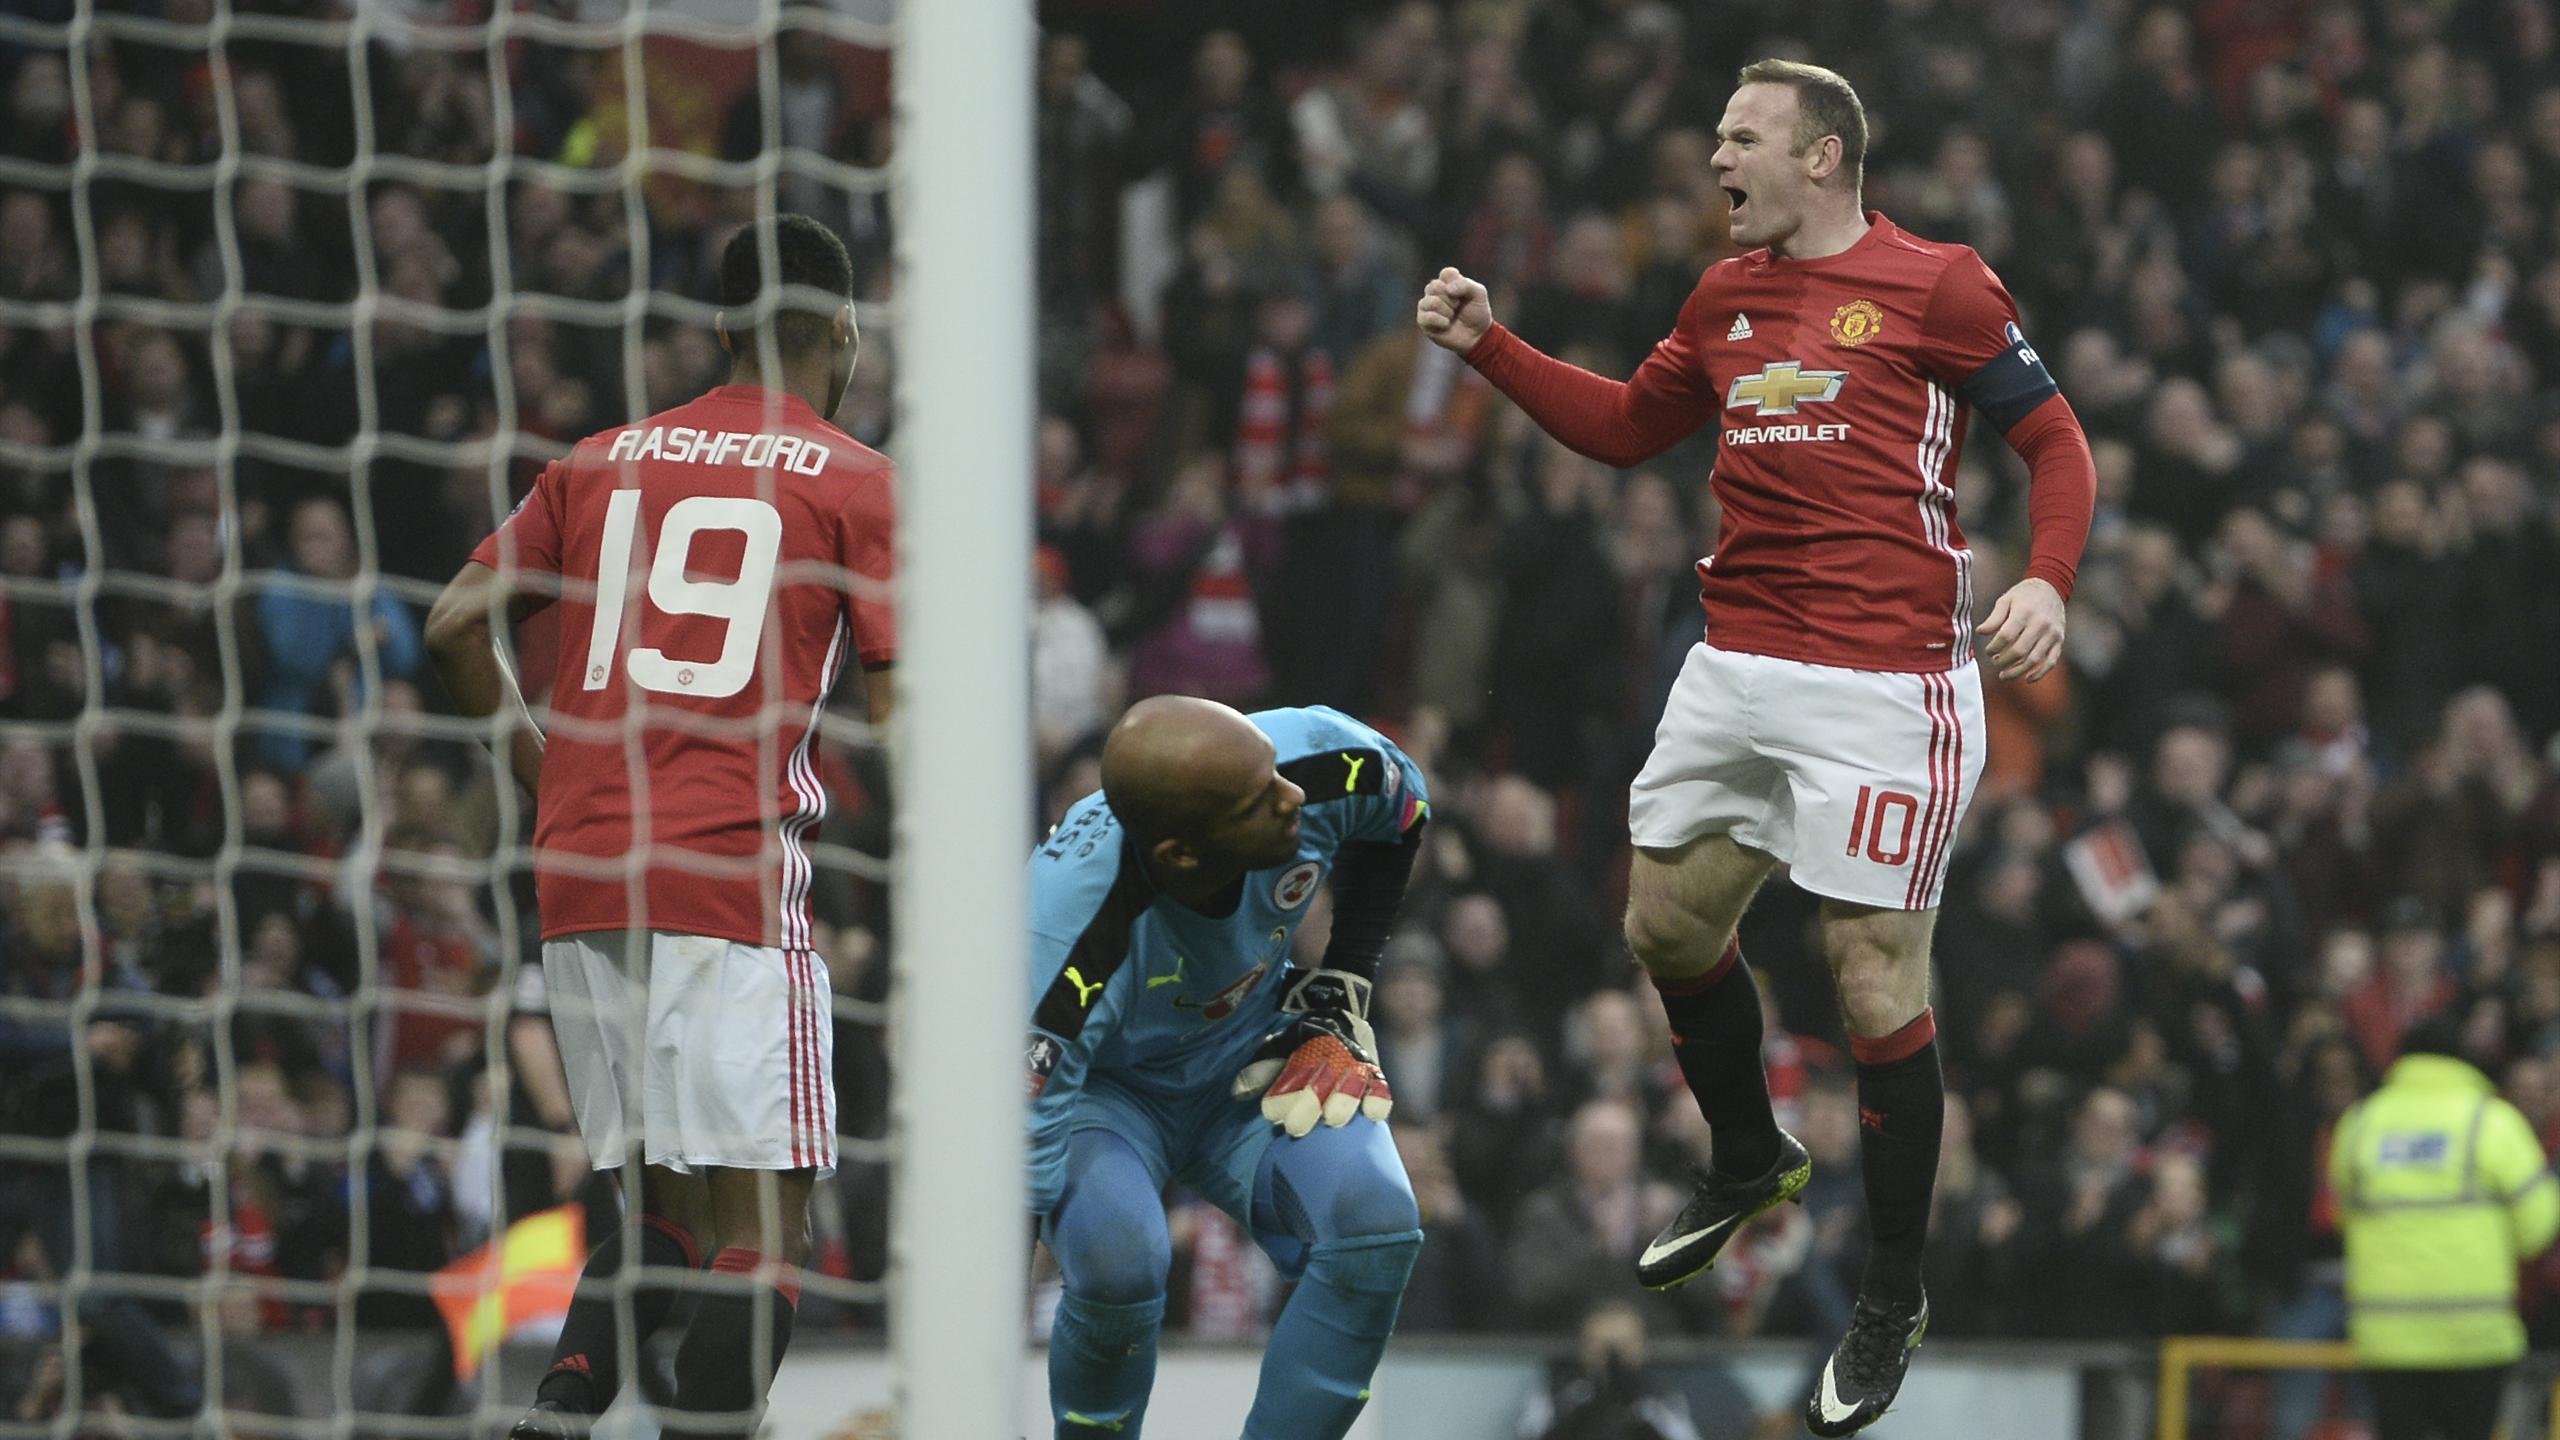 Wayne Rooney a égalé le record de buts de Bobby Charlton en ouvrant le score face à Reading.